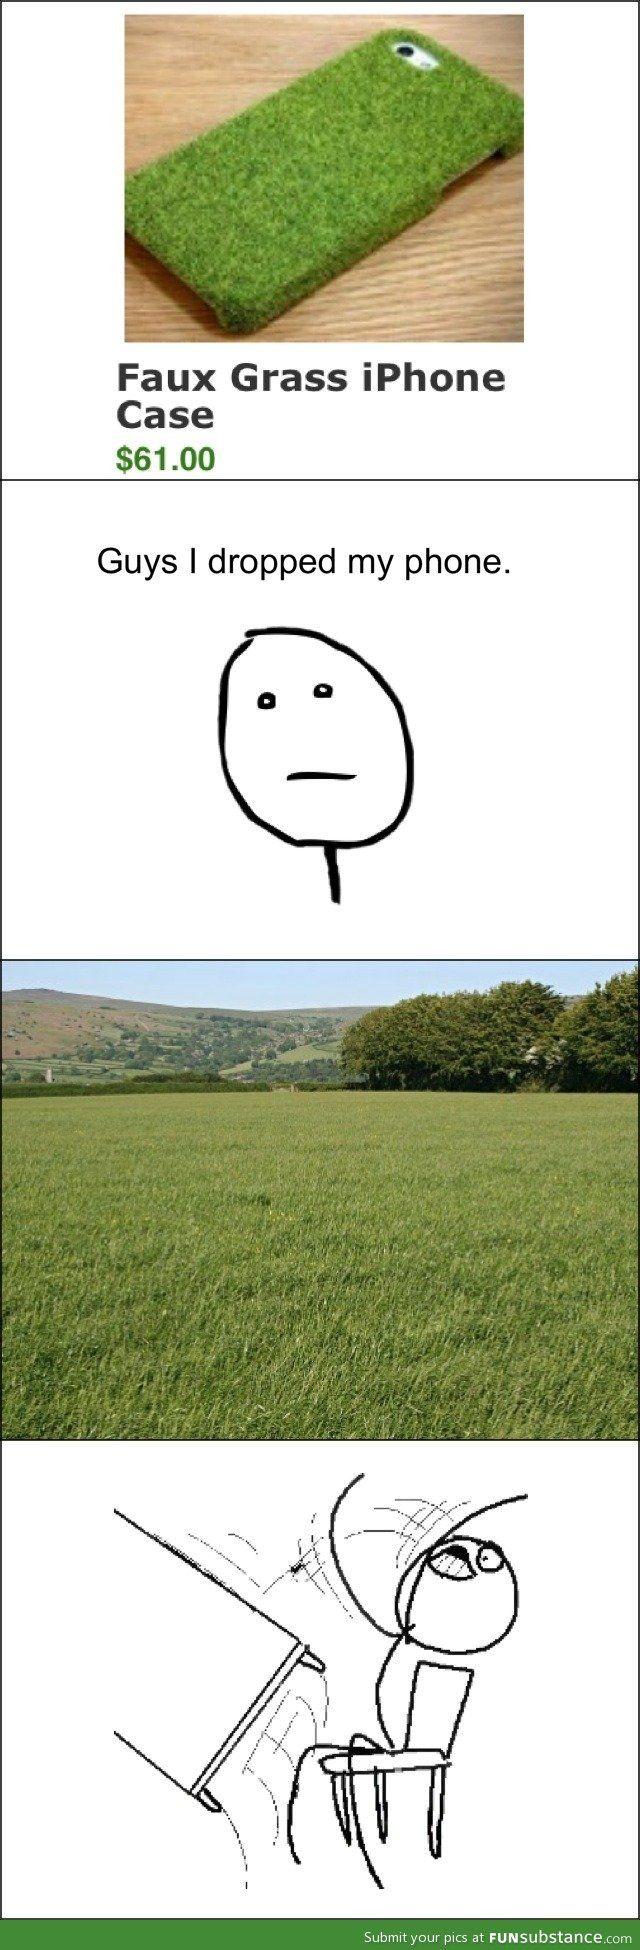 Faux grass case